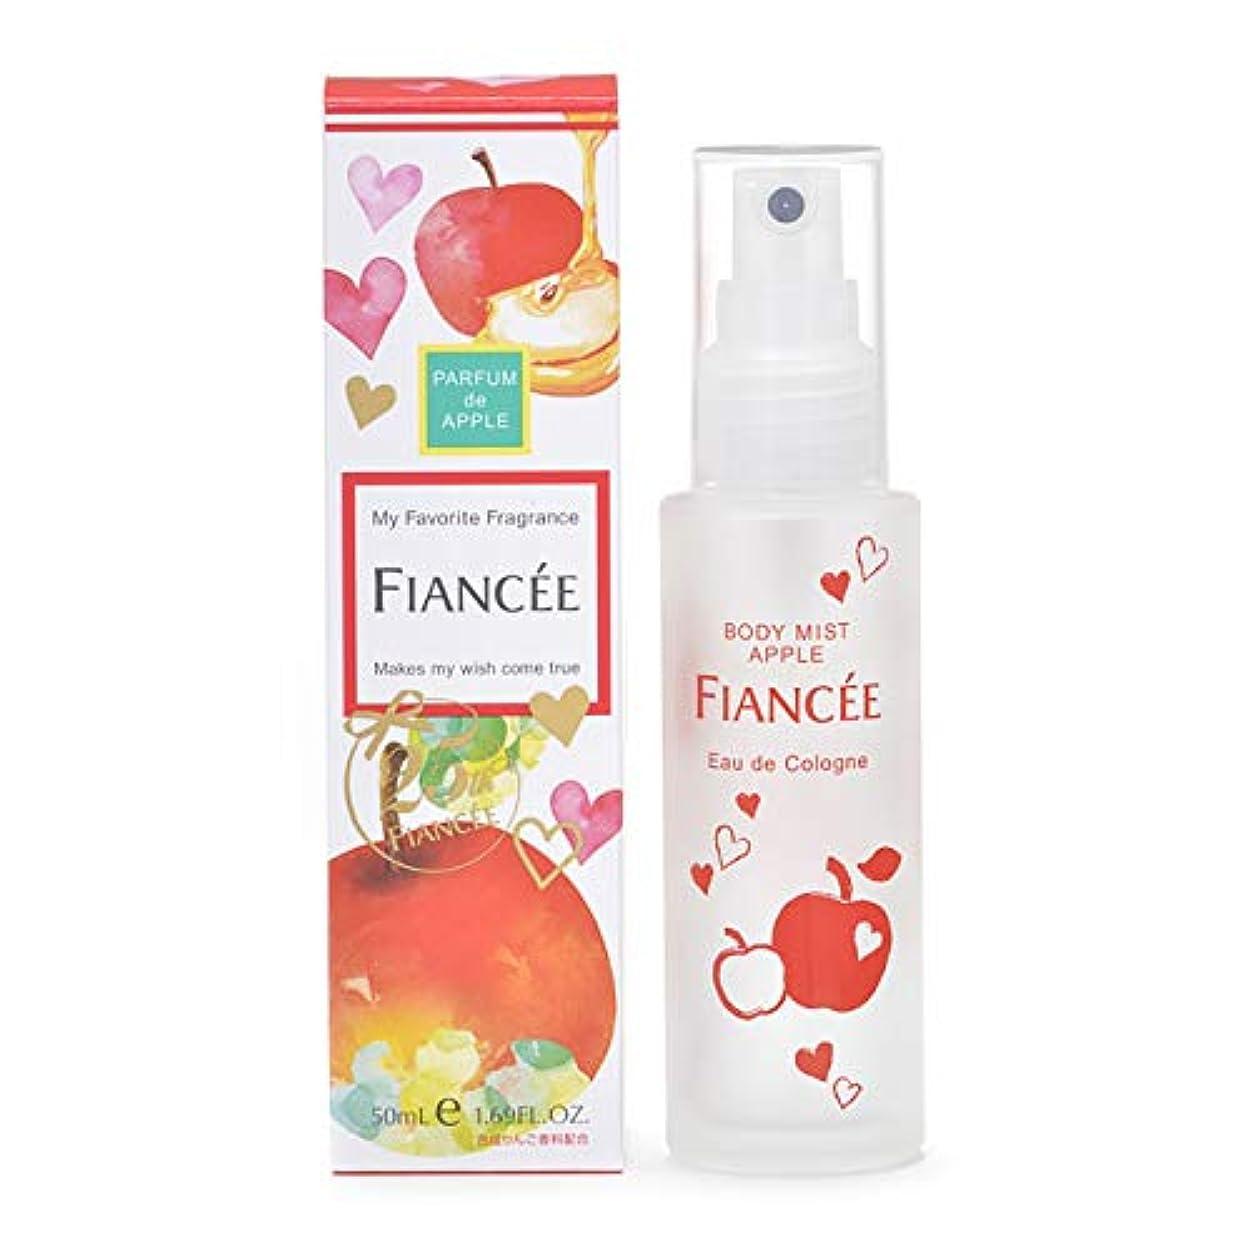 フィアンセ ボディミスト 恋りんごの香り 【数量限定】